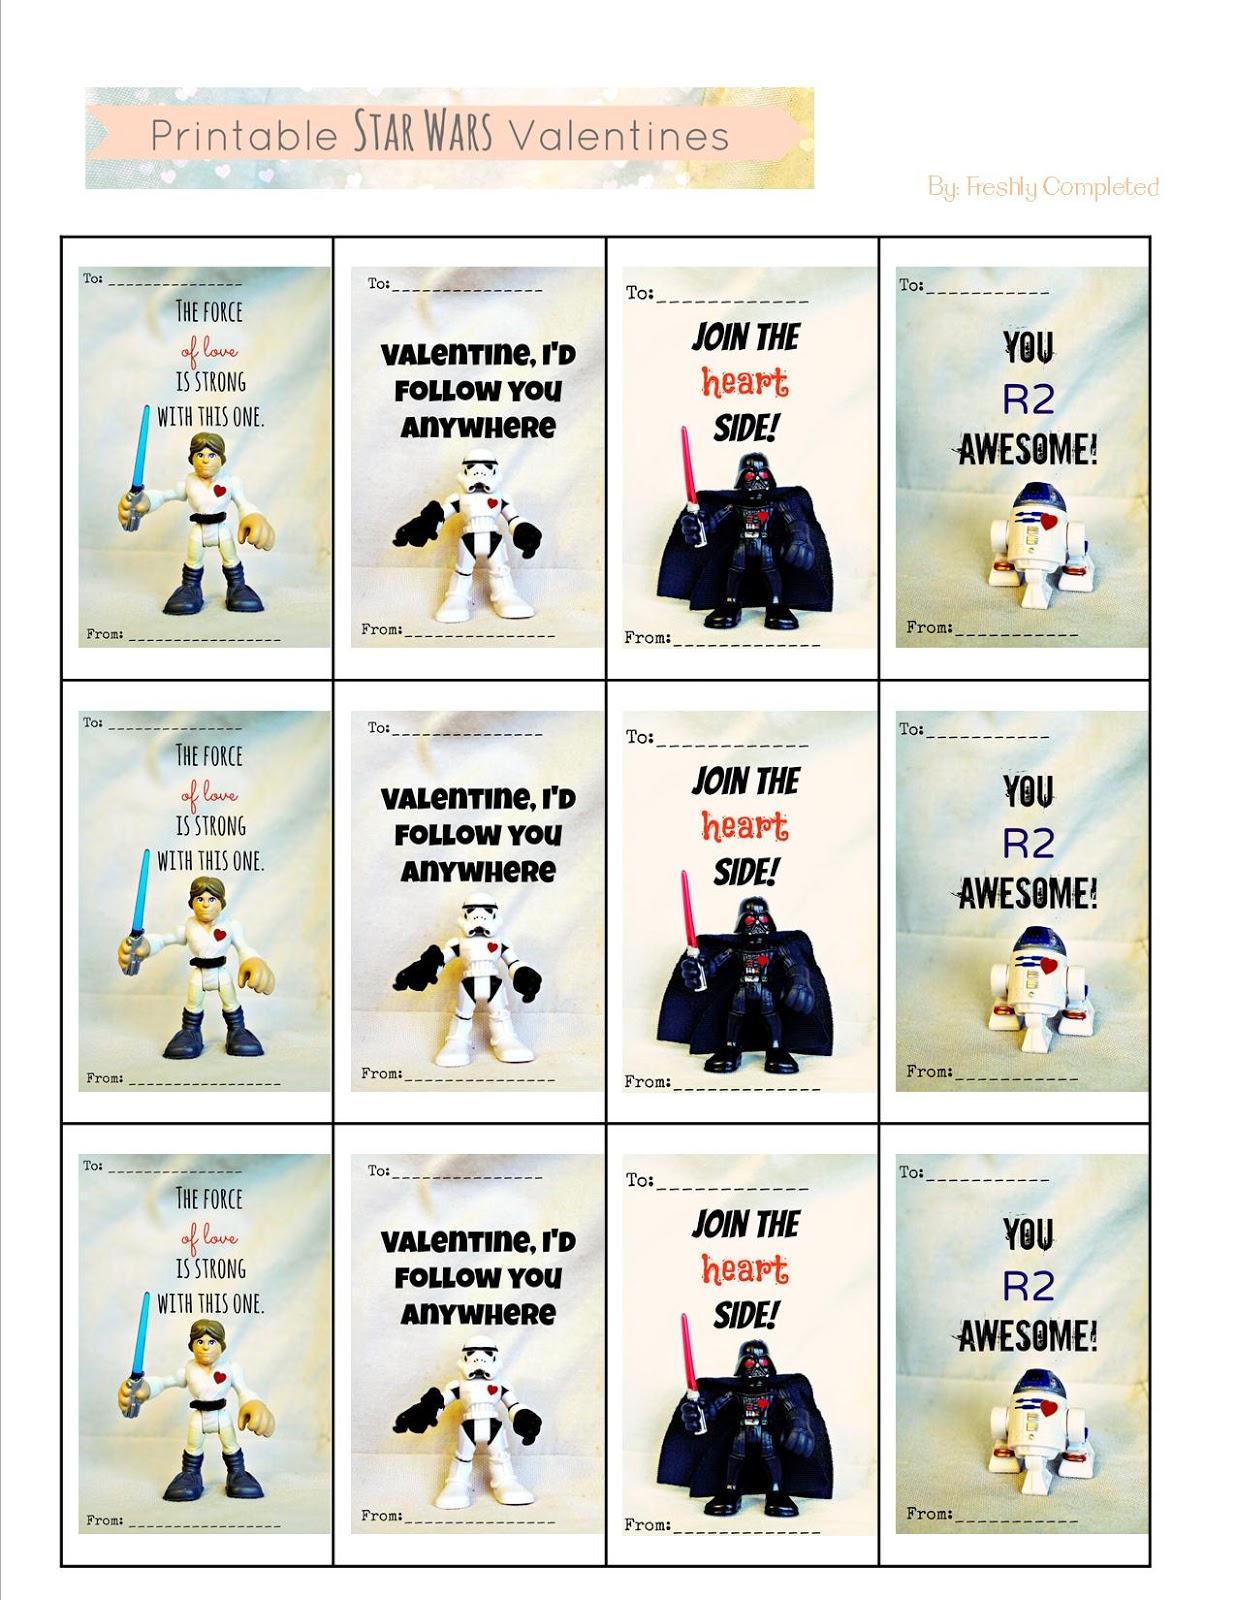 Freshly Completed Printable Star Wars Valentines